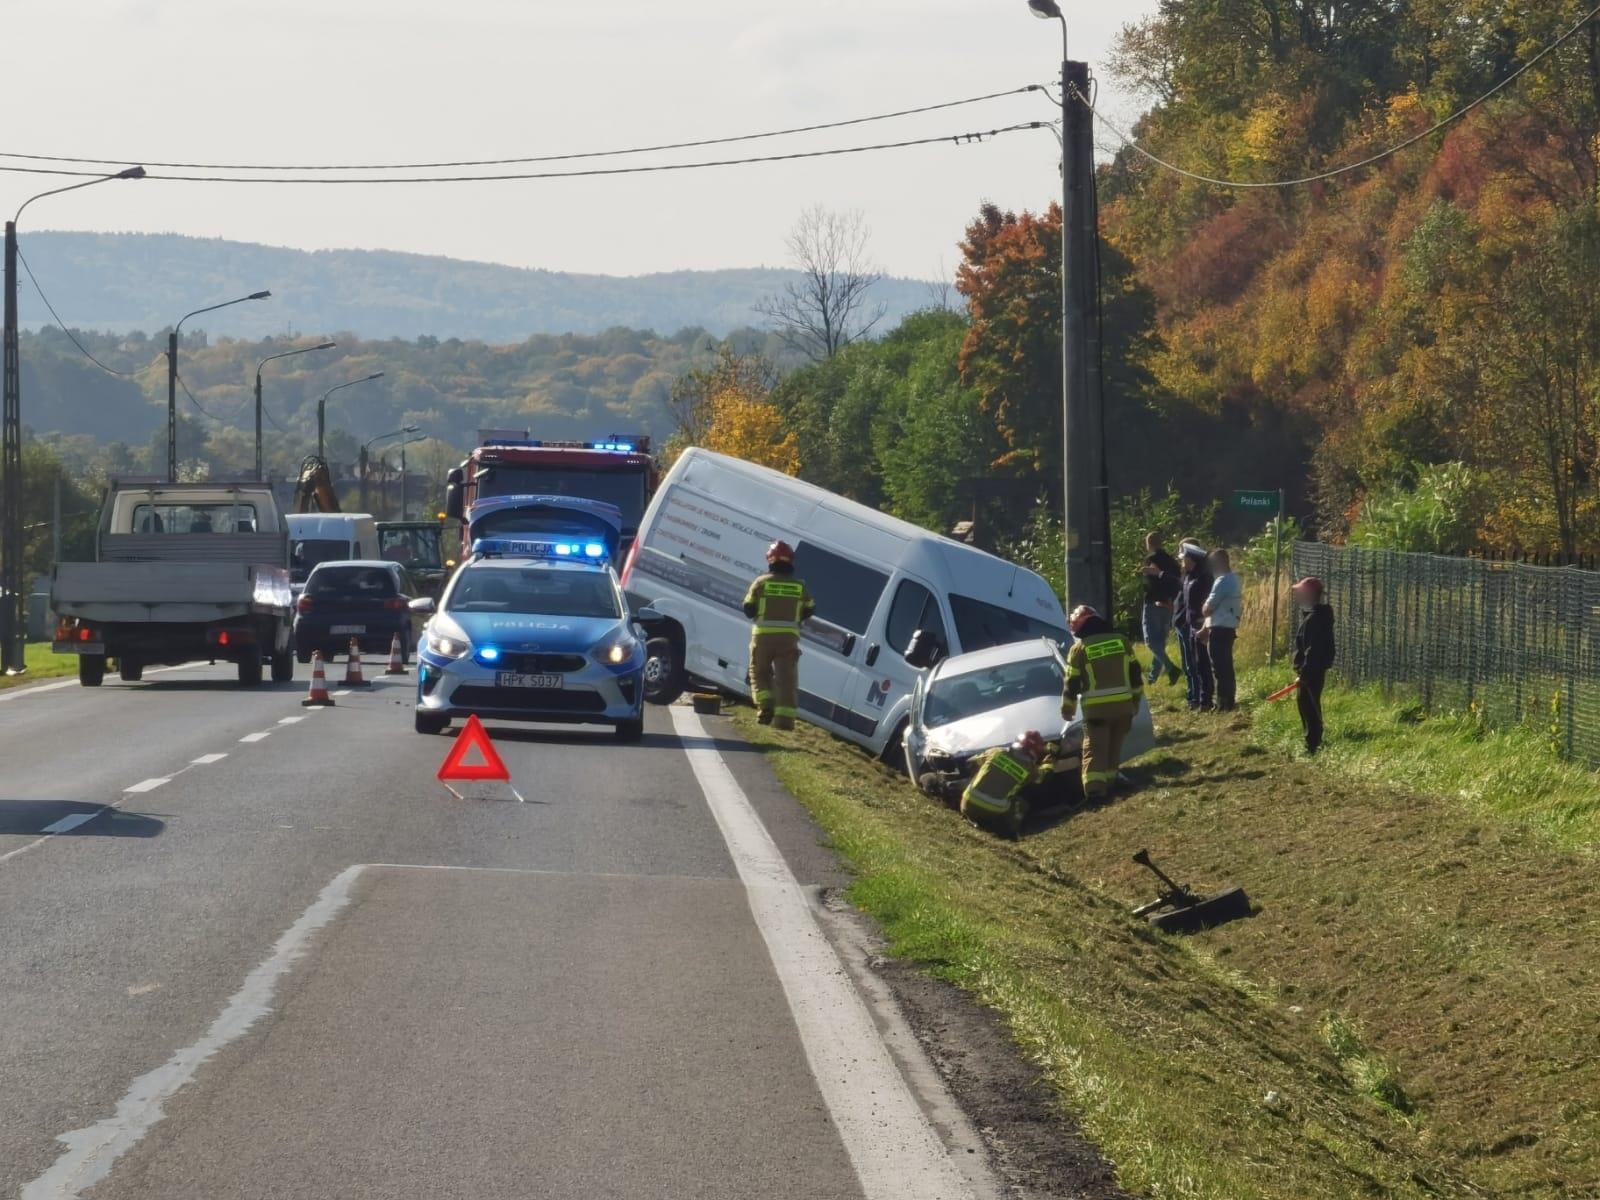 BYKOWCE: Kolizja busa z samochodem osobowym [ZDJĘCIA+WIDEO] - Zdjęcie główne